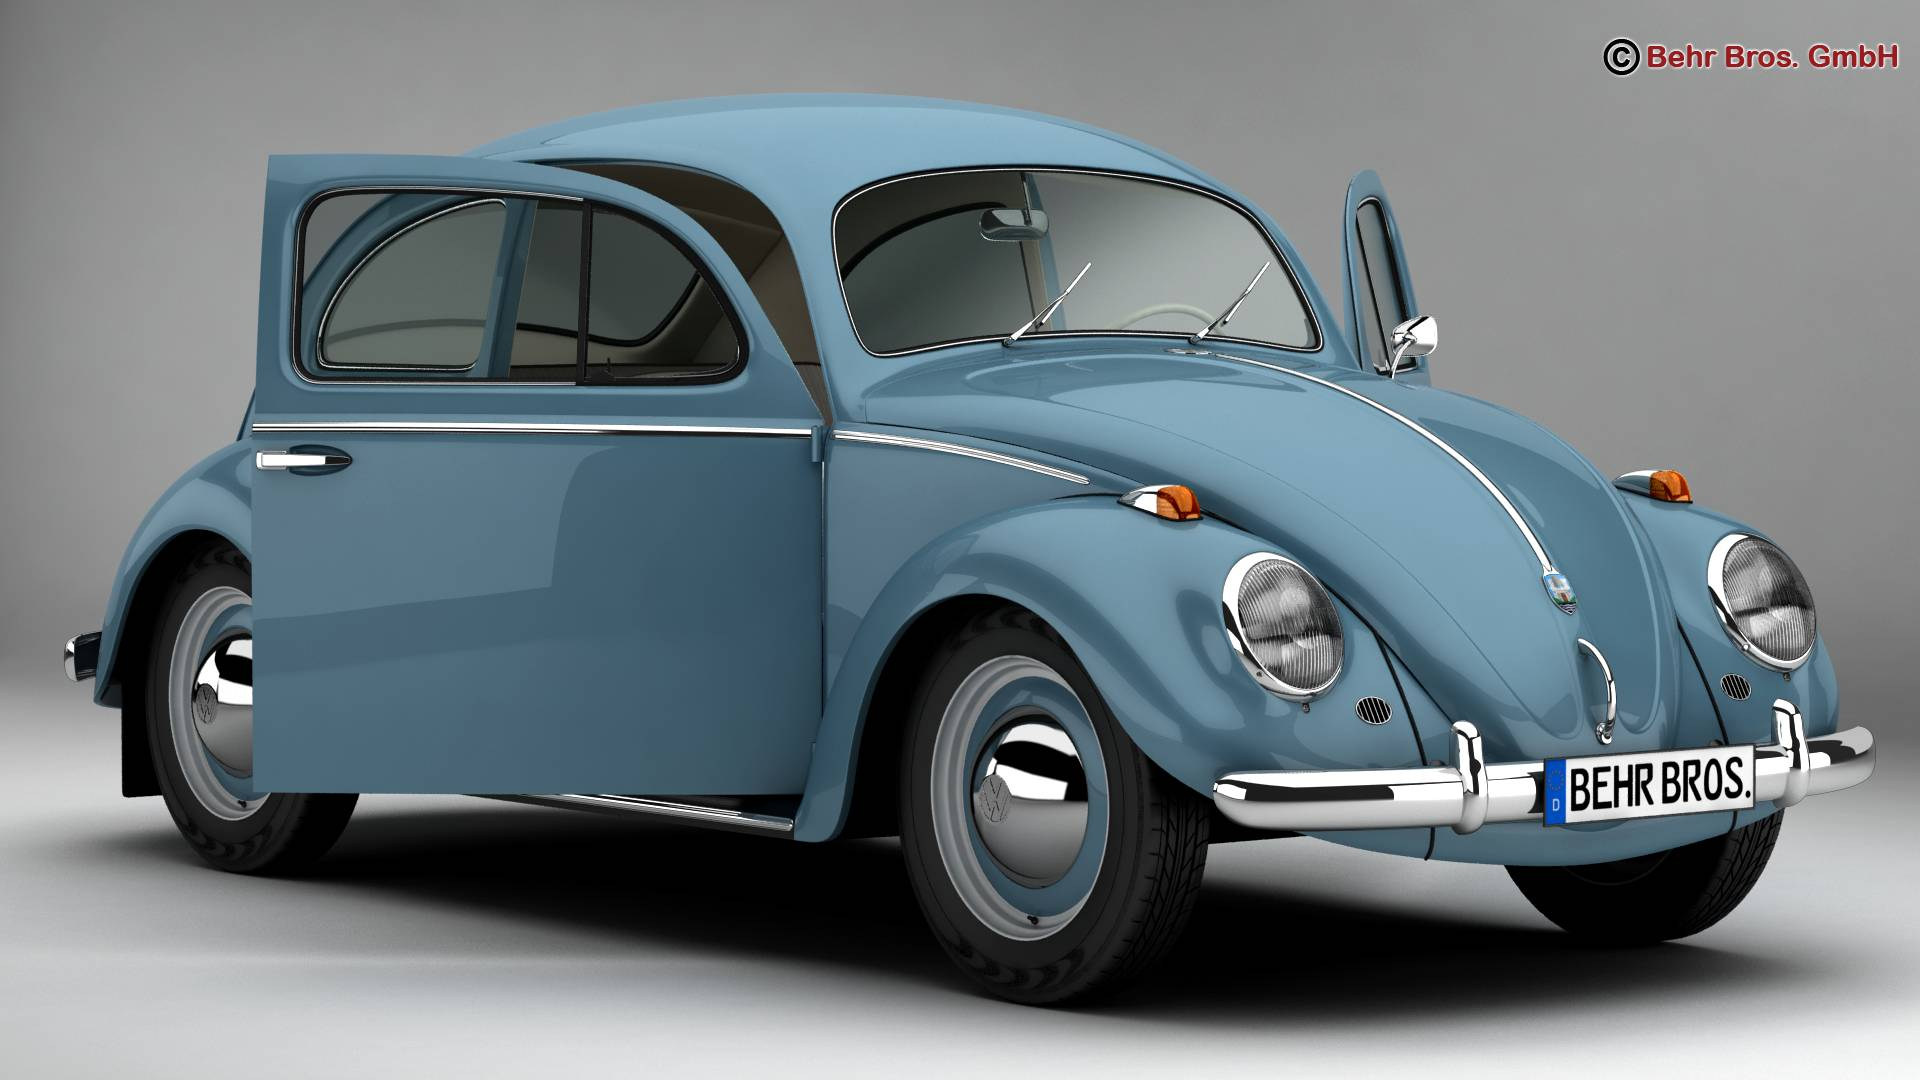 volkswagen beetle 1963 1200 deluxe 3d model 3ds max fbx c4d lwo ma mb obj 220274